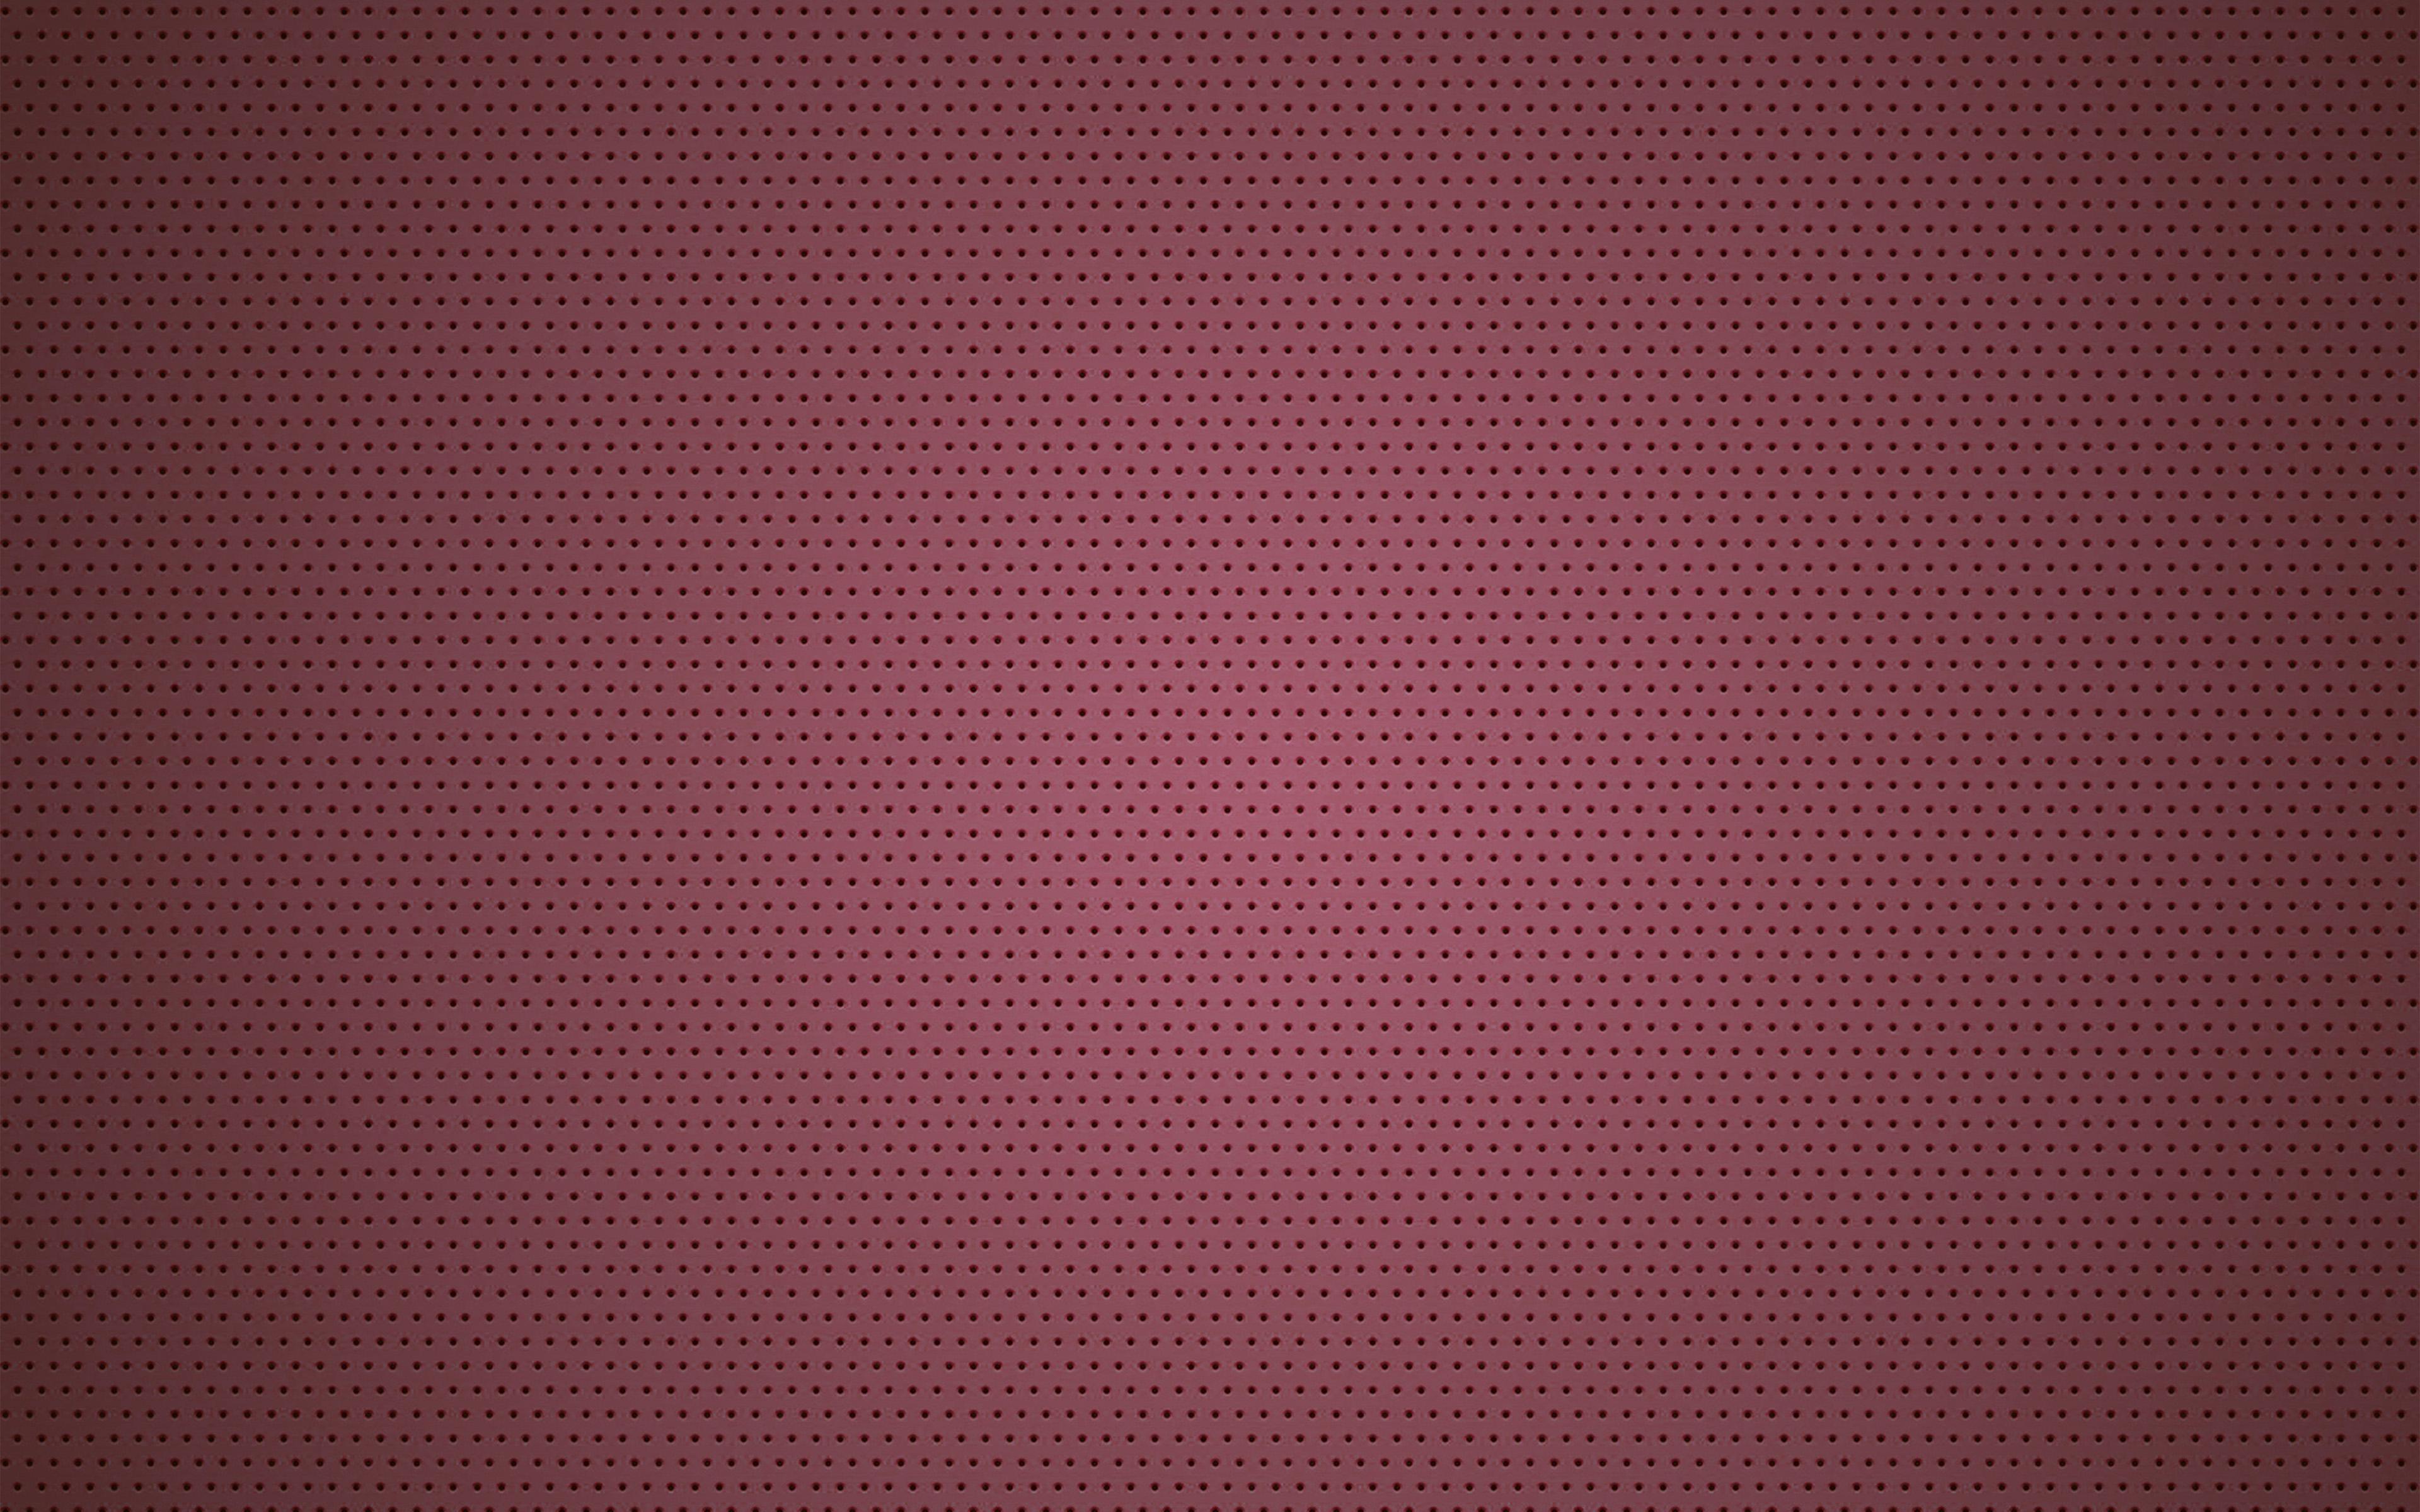 Vs43 Dot Magenta Red Texture Pattern Wallpaper